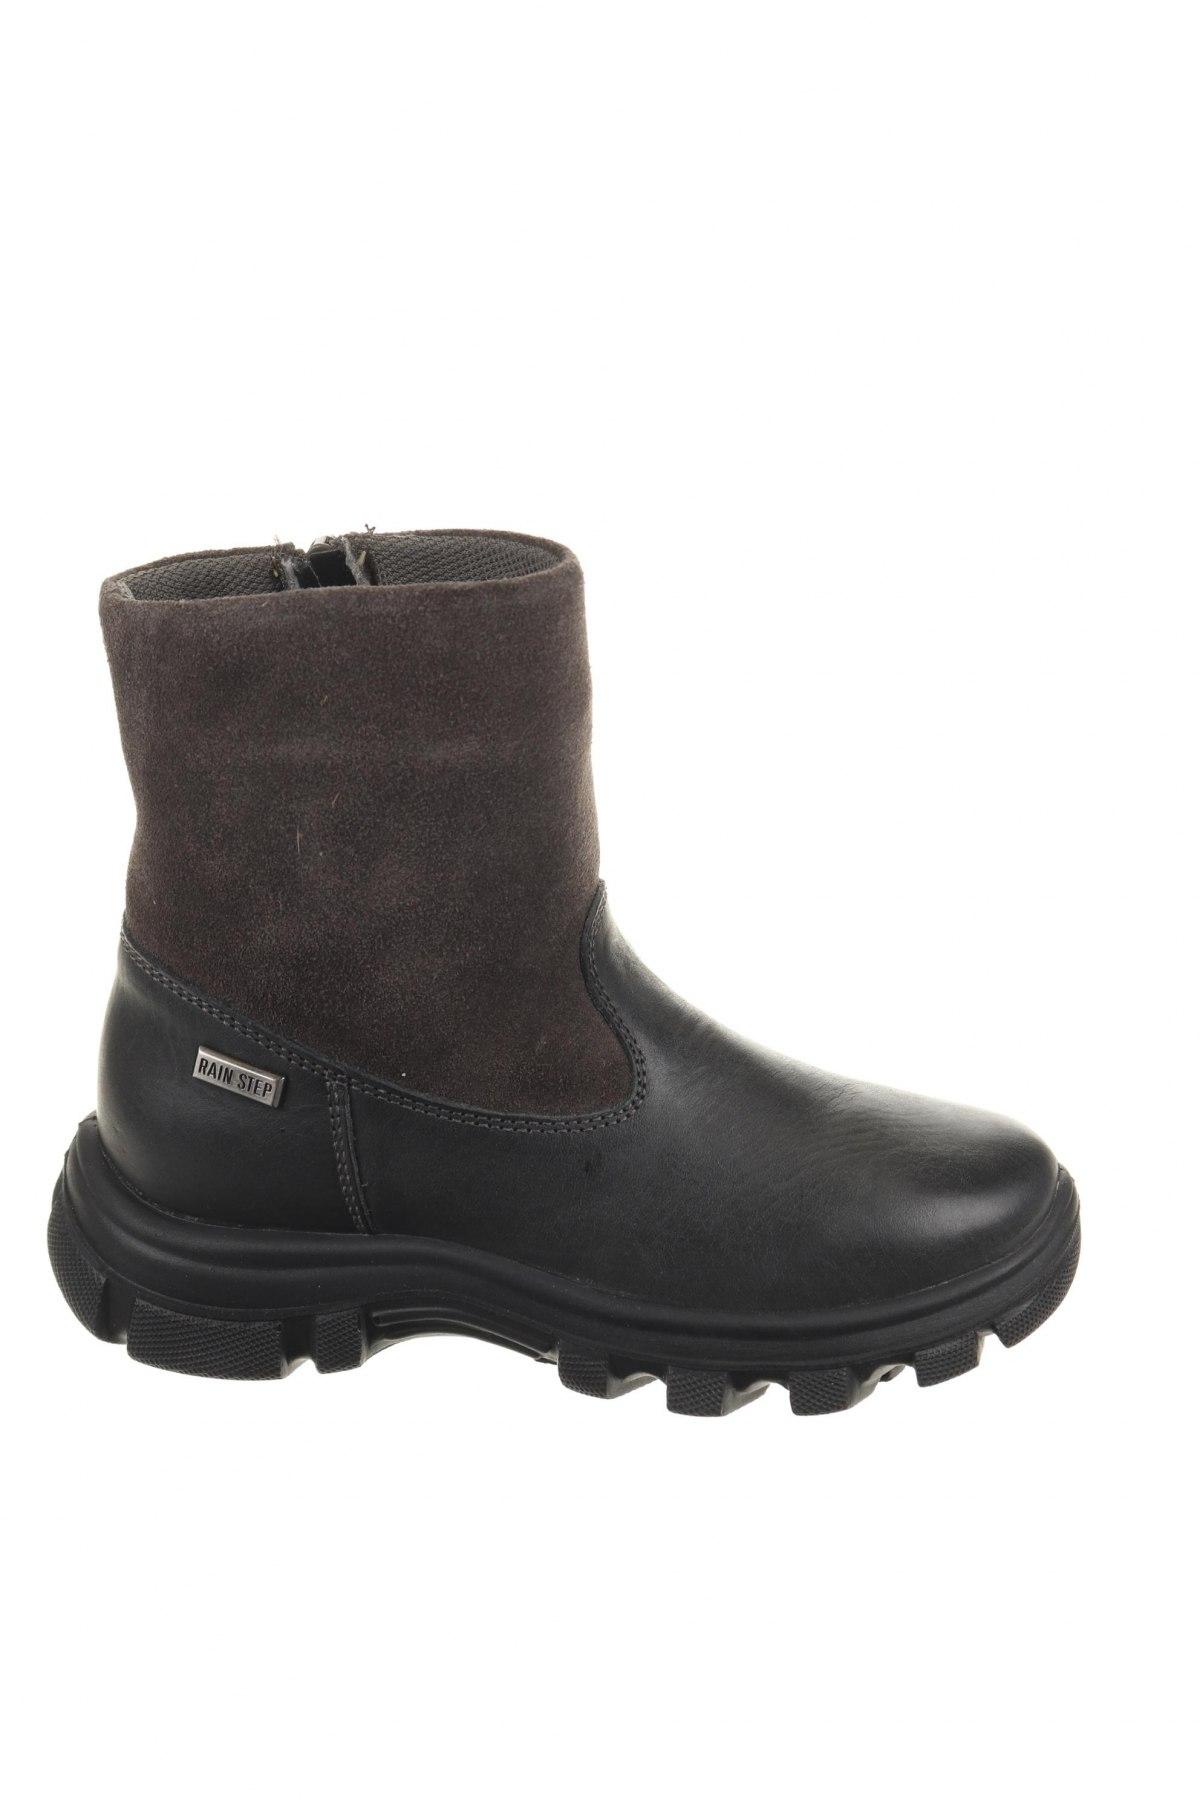 Παιδικά παπούτσια Naturino, Μέγεθος 28, Χρώμα Γκρί, Γνήσιο δέρμα, φυσικό σουέτ, Τιμή 48,38€